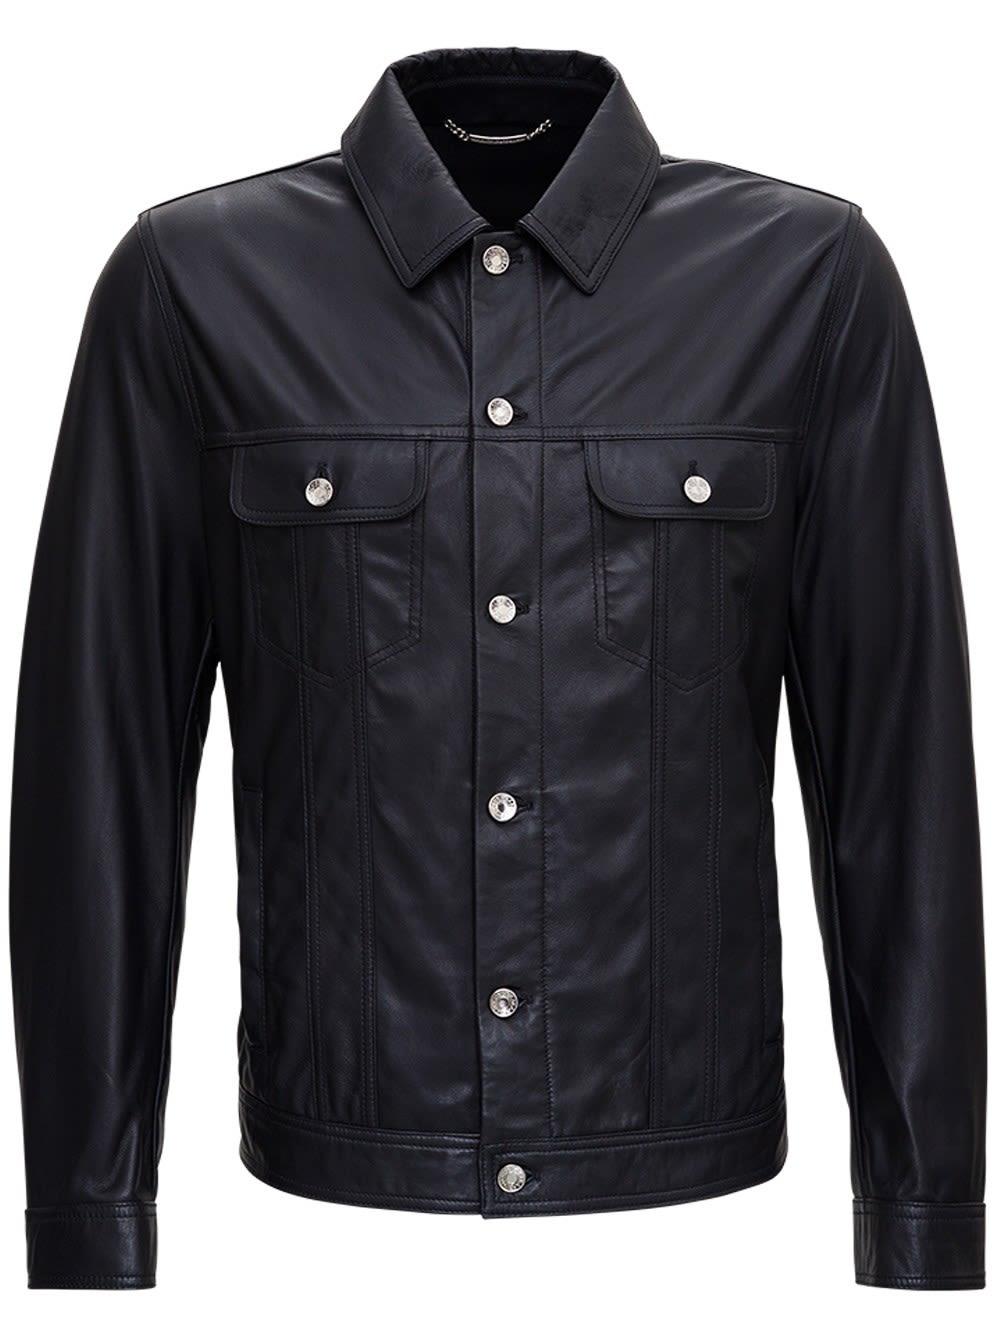 Dolce & Gabbana Leathers BLACK LEATHER JACKET